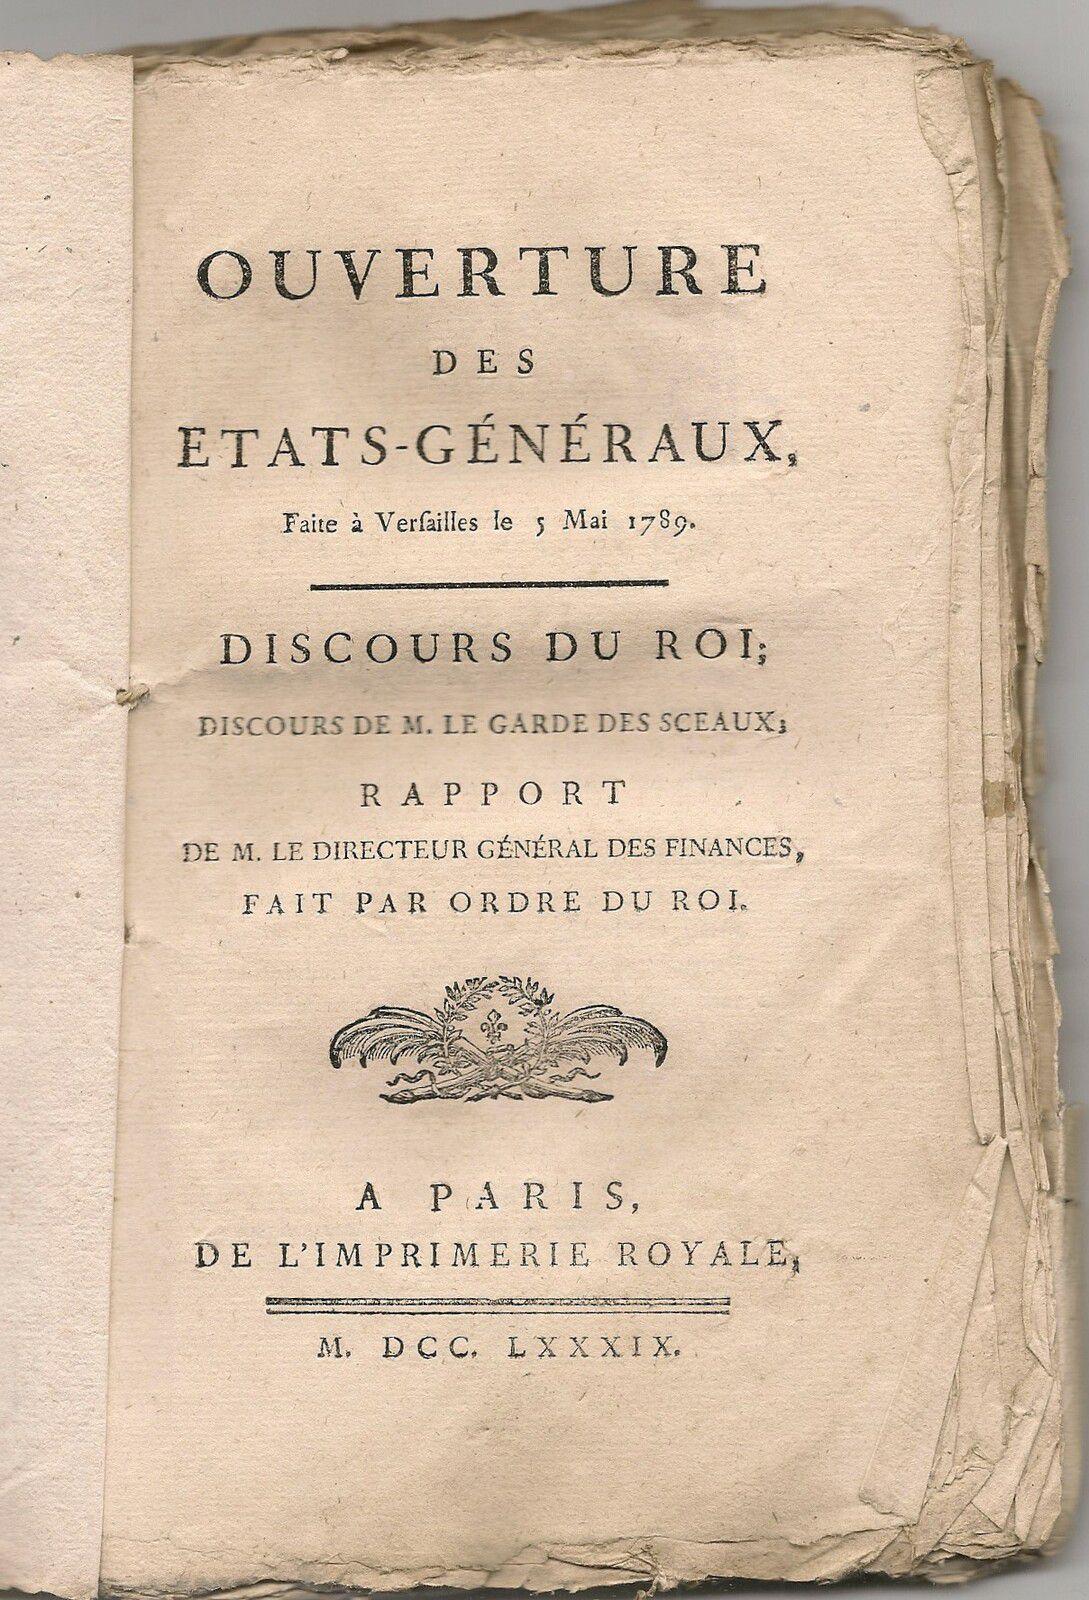 Quand le Roi demandait l'abolition de la traite aux Etats-Généraux, le 5 mai 1789.